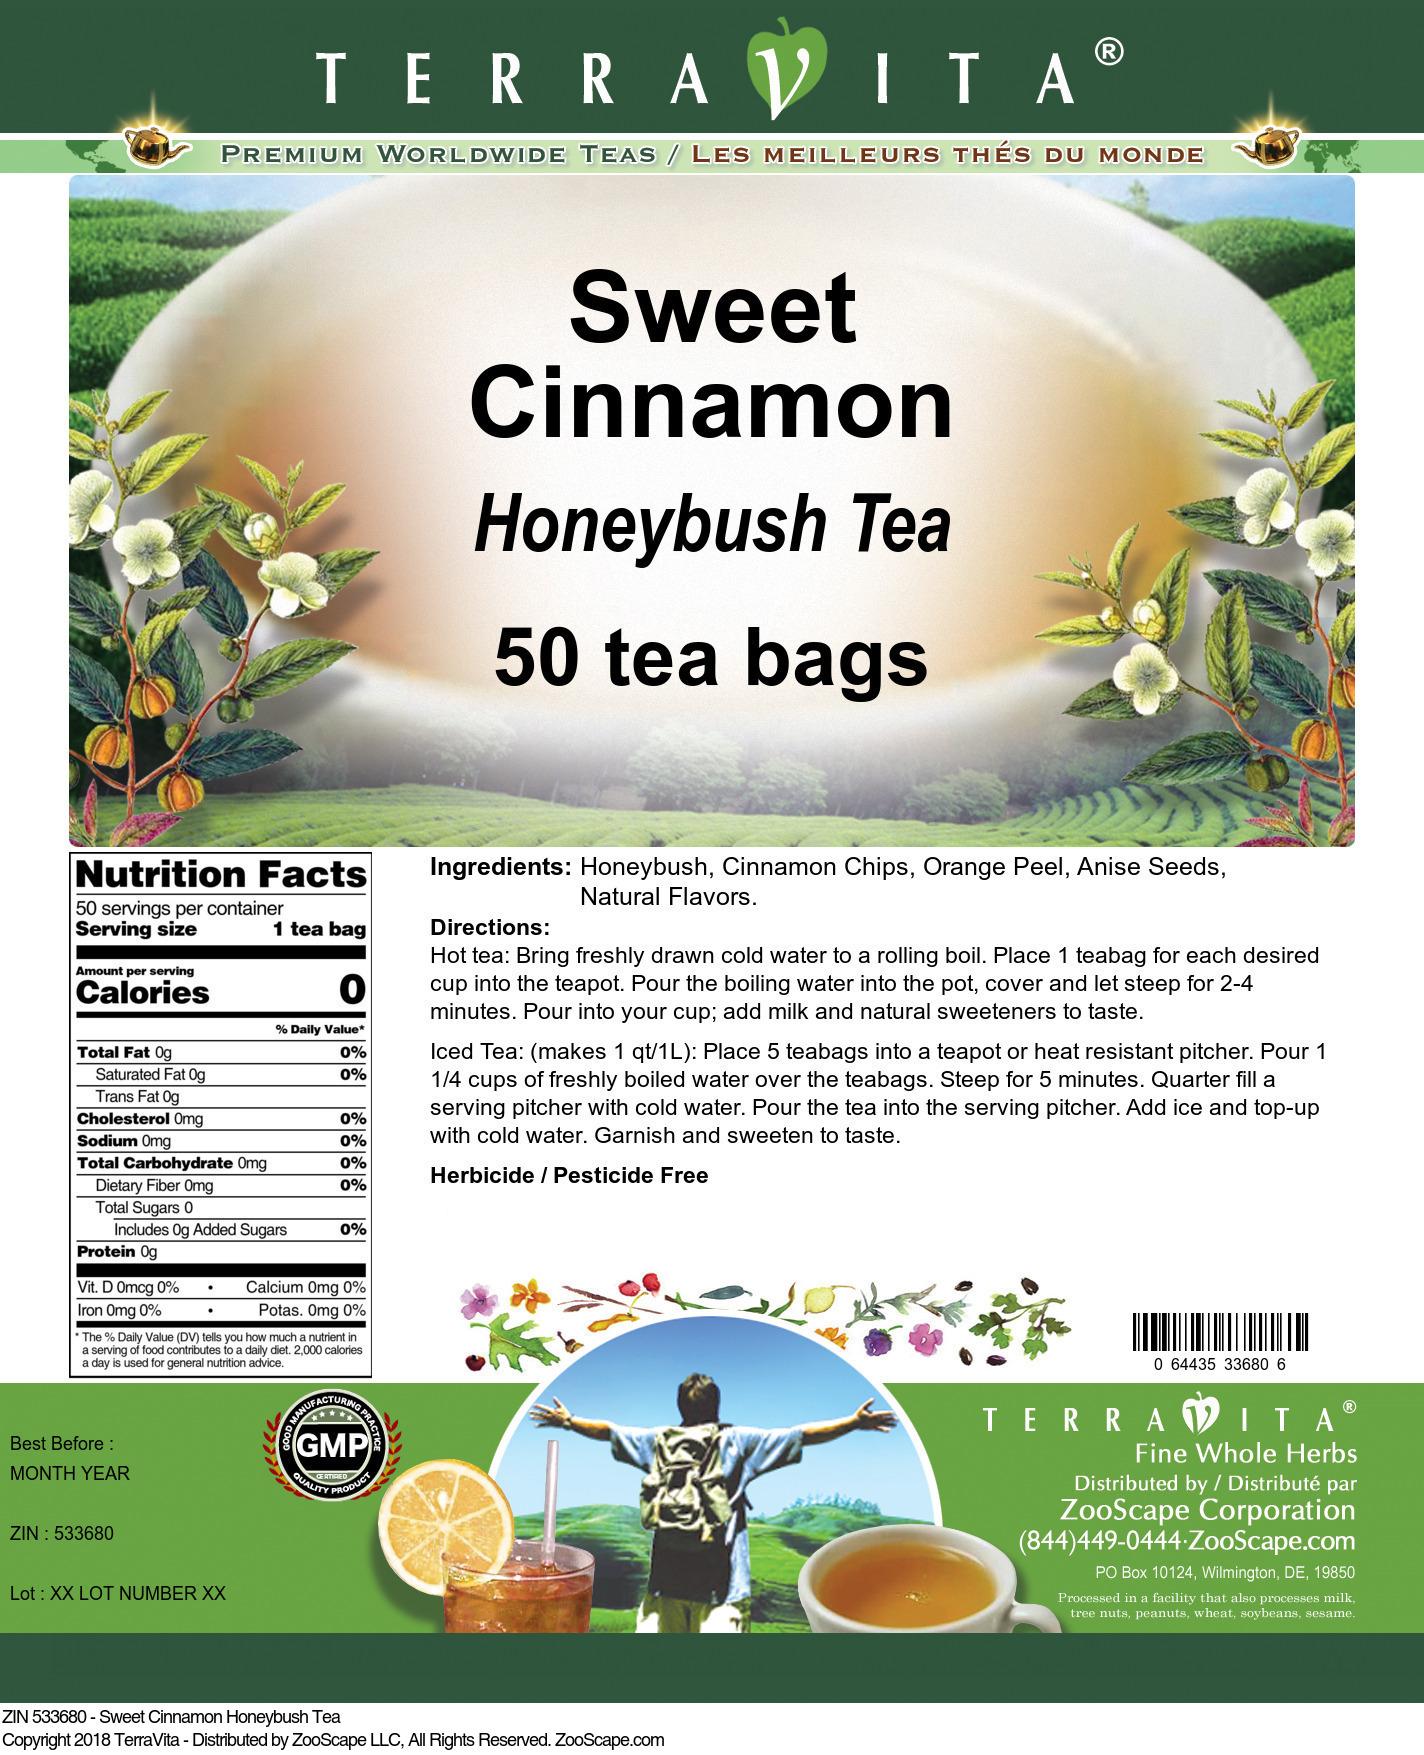 Sweet Cinnamon Honeybush Tea